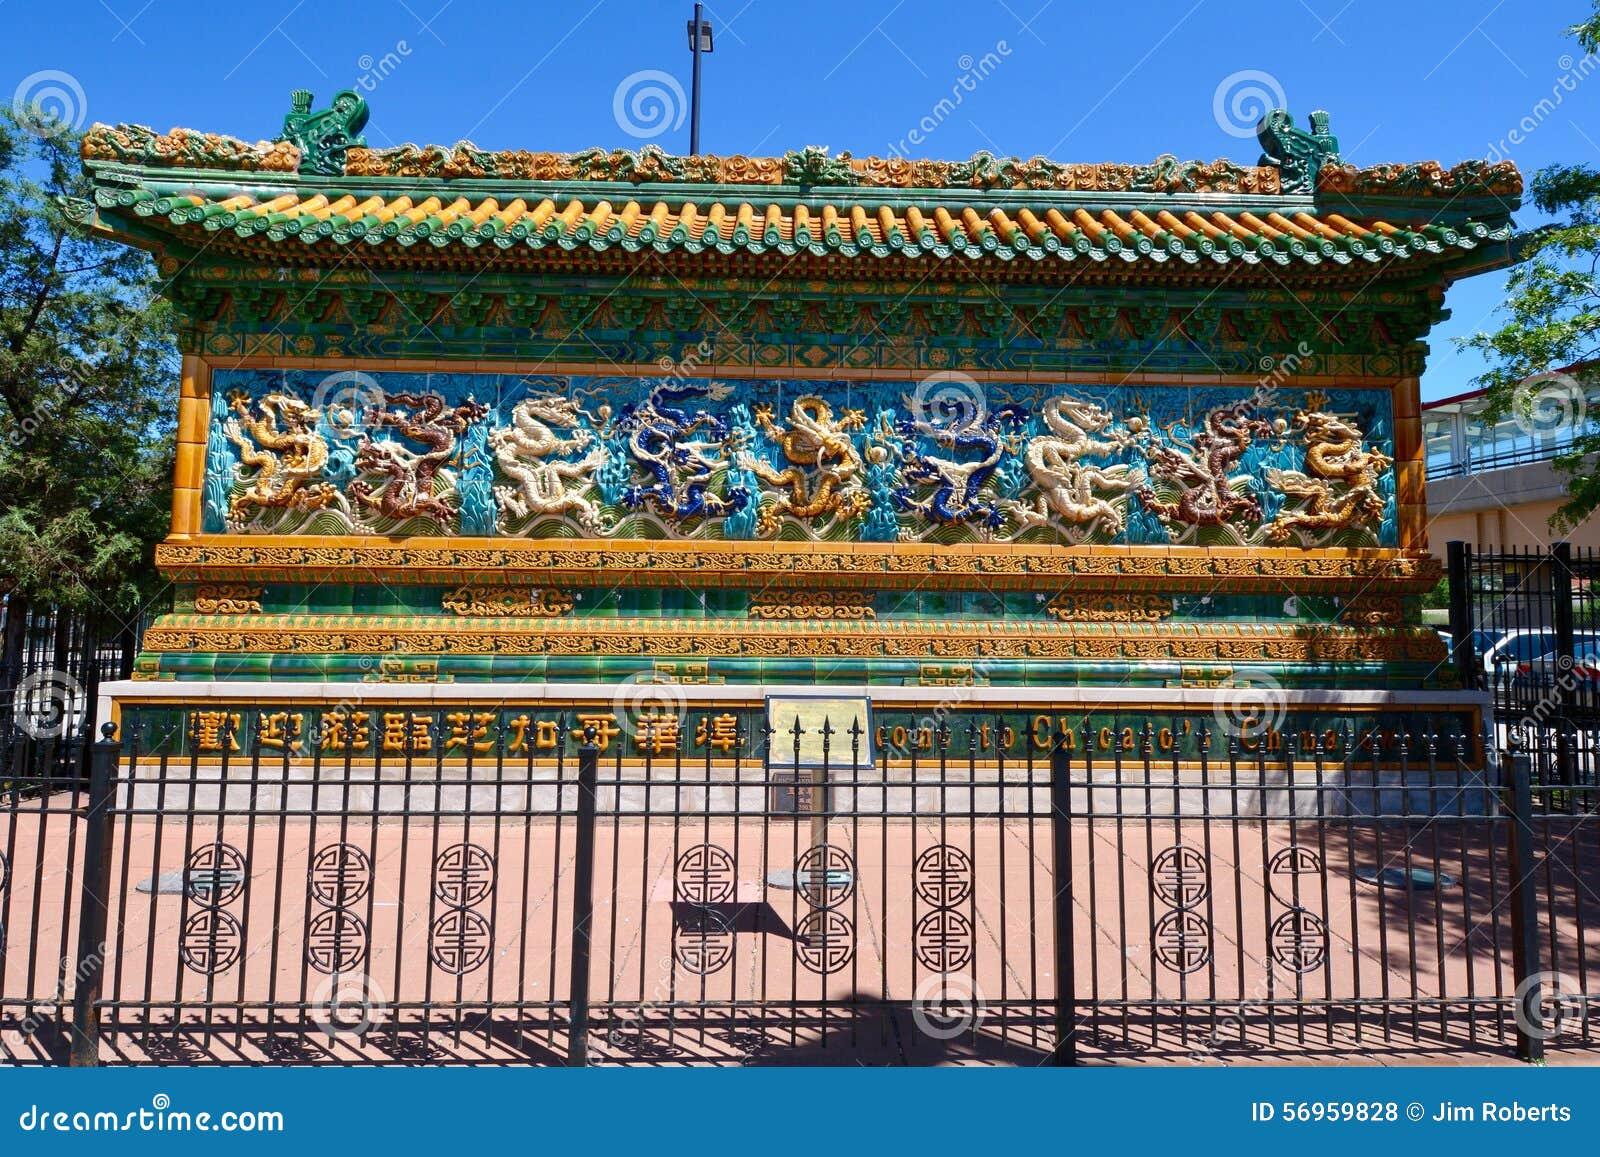 Nine Dragon Wall: Nine Dragon Wall Editorial Stock Photo. Image Of Replica